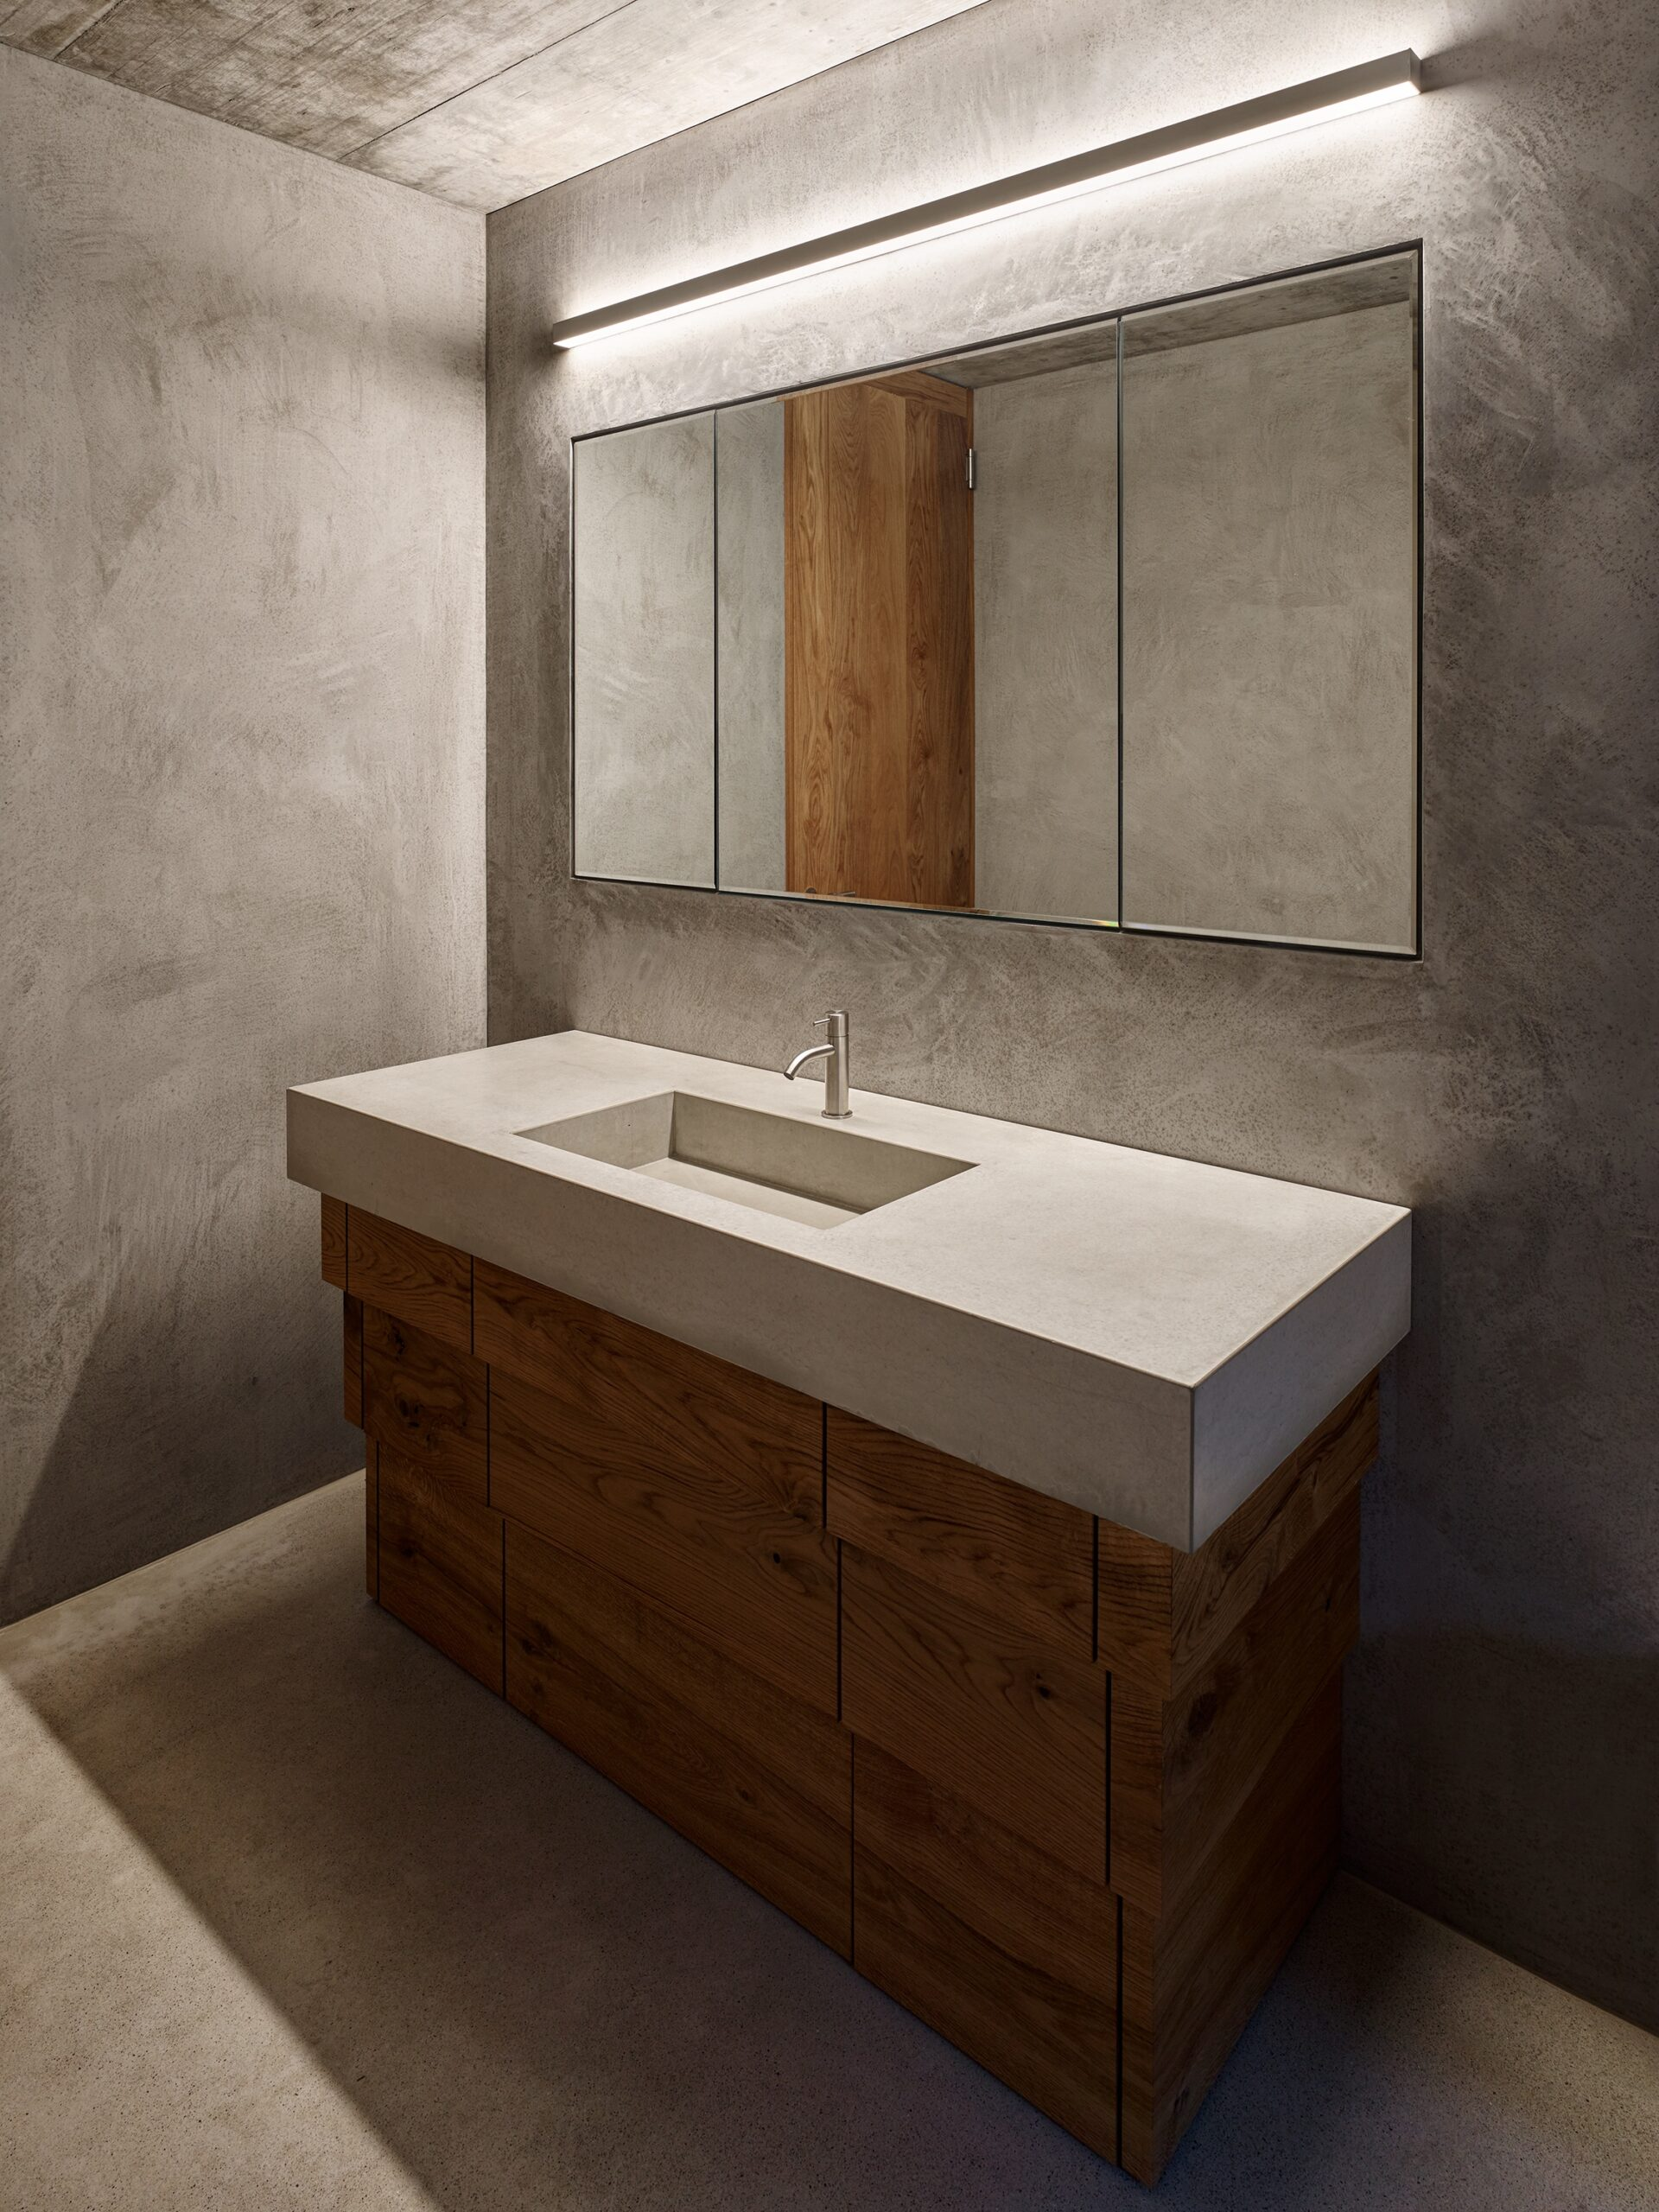 Haus Holdergasse, Badezimmer mit Waschbecken, BE Architekten, Olex, Marc Lins